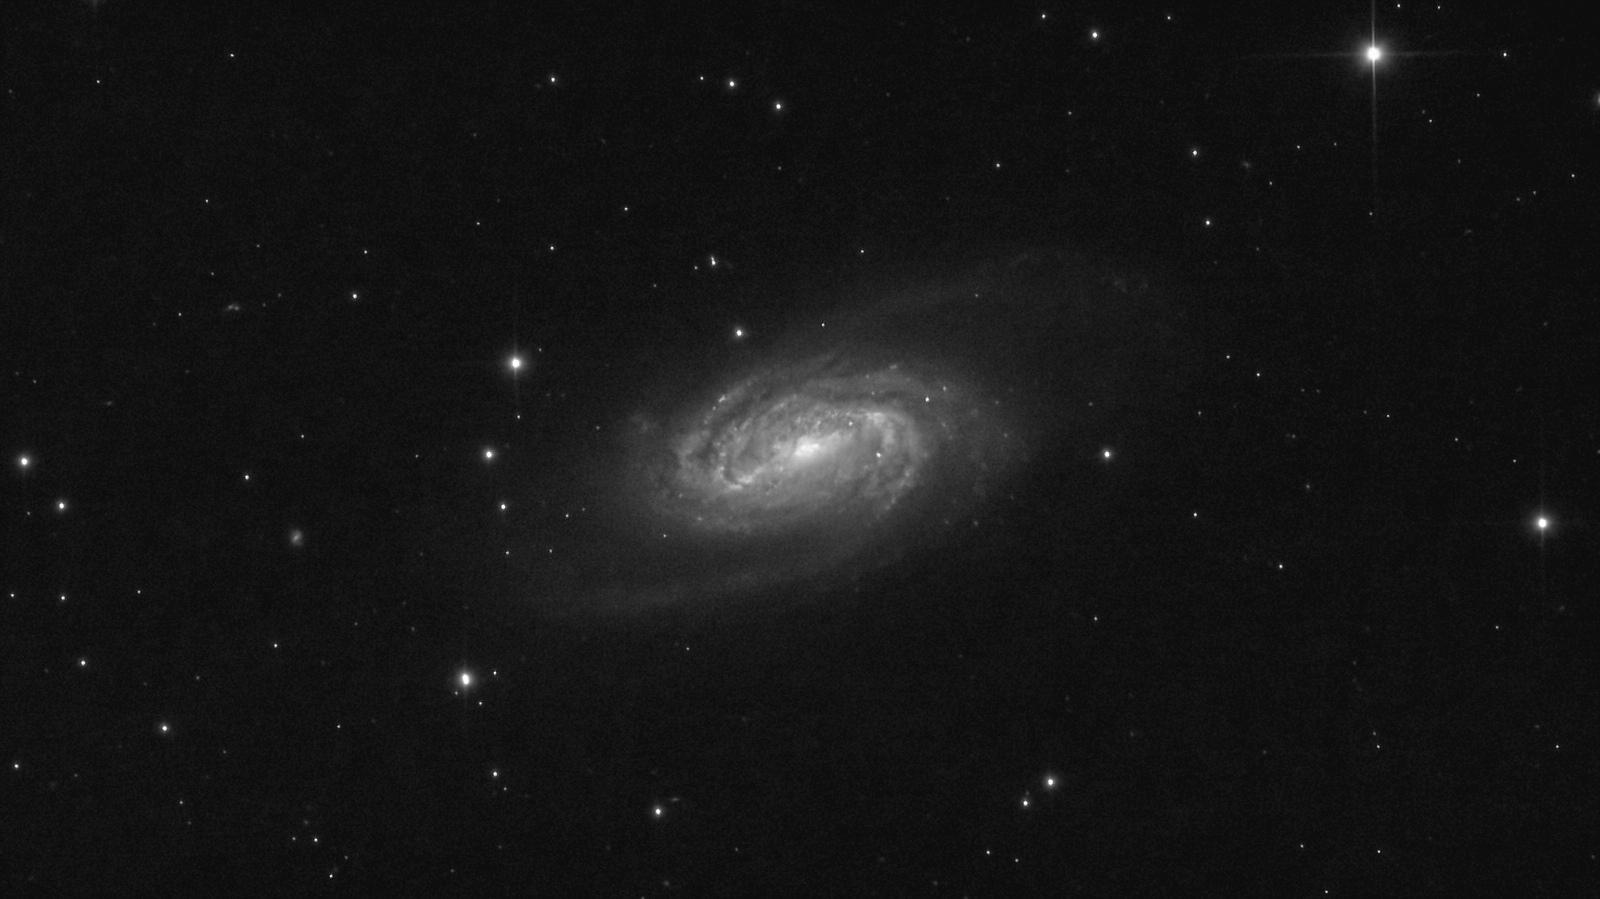 600c077e321e0_r_pp_r_pp_NGC2903_stacked2.jpg.5af0d75dcdecaae0bd2f3eecf58a685b.jpg